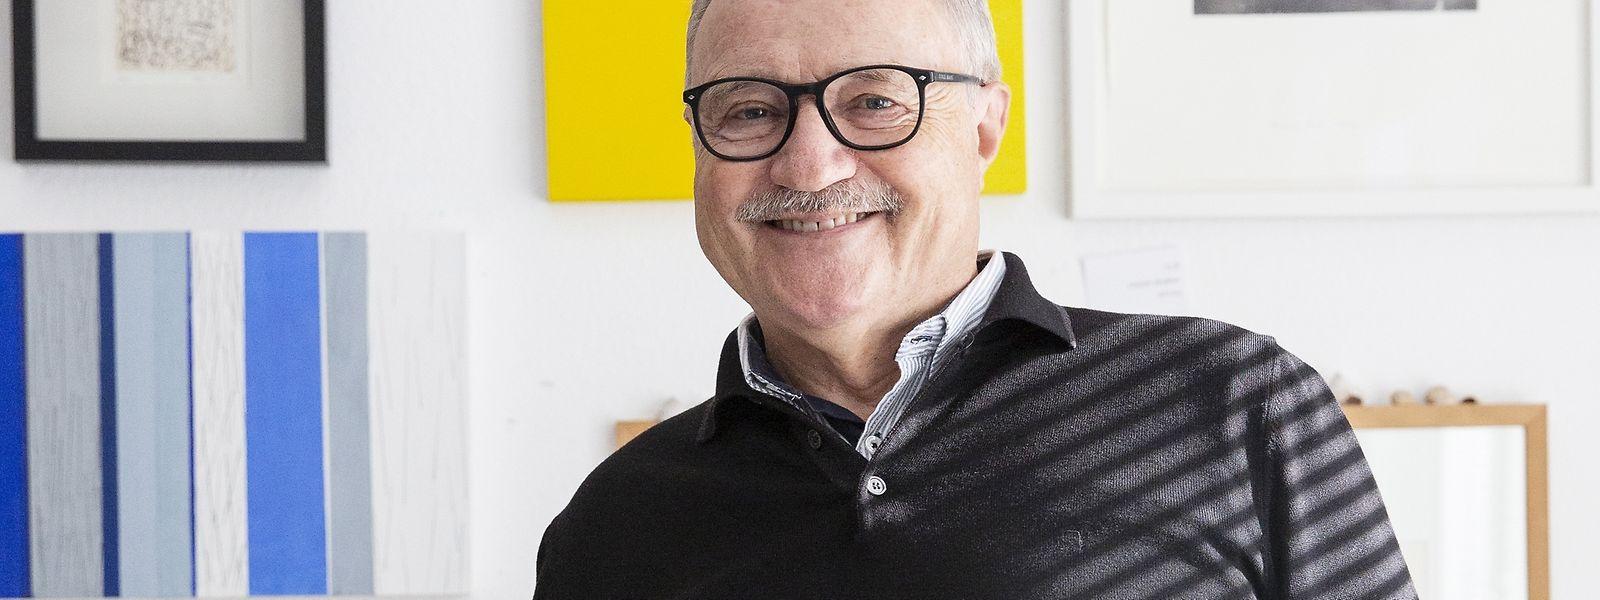 """Franz Ruf wird von der Jury für seine """"Meisterschaft in Komposition und Sensibilität"""" gelobt."""